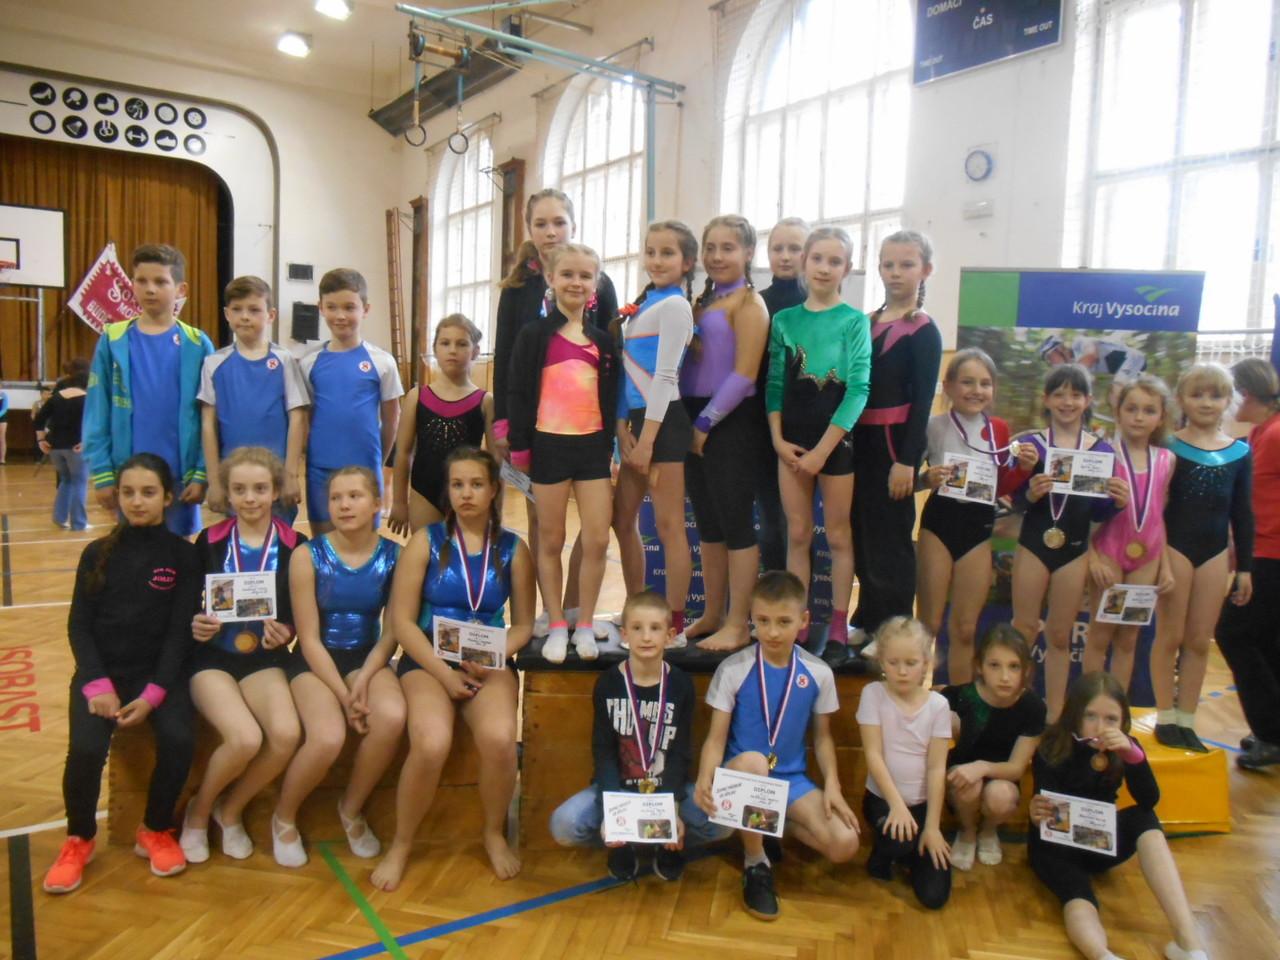 Přebory ve sportovní gymnastice a šplhu